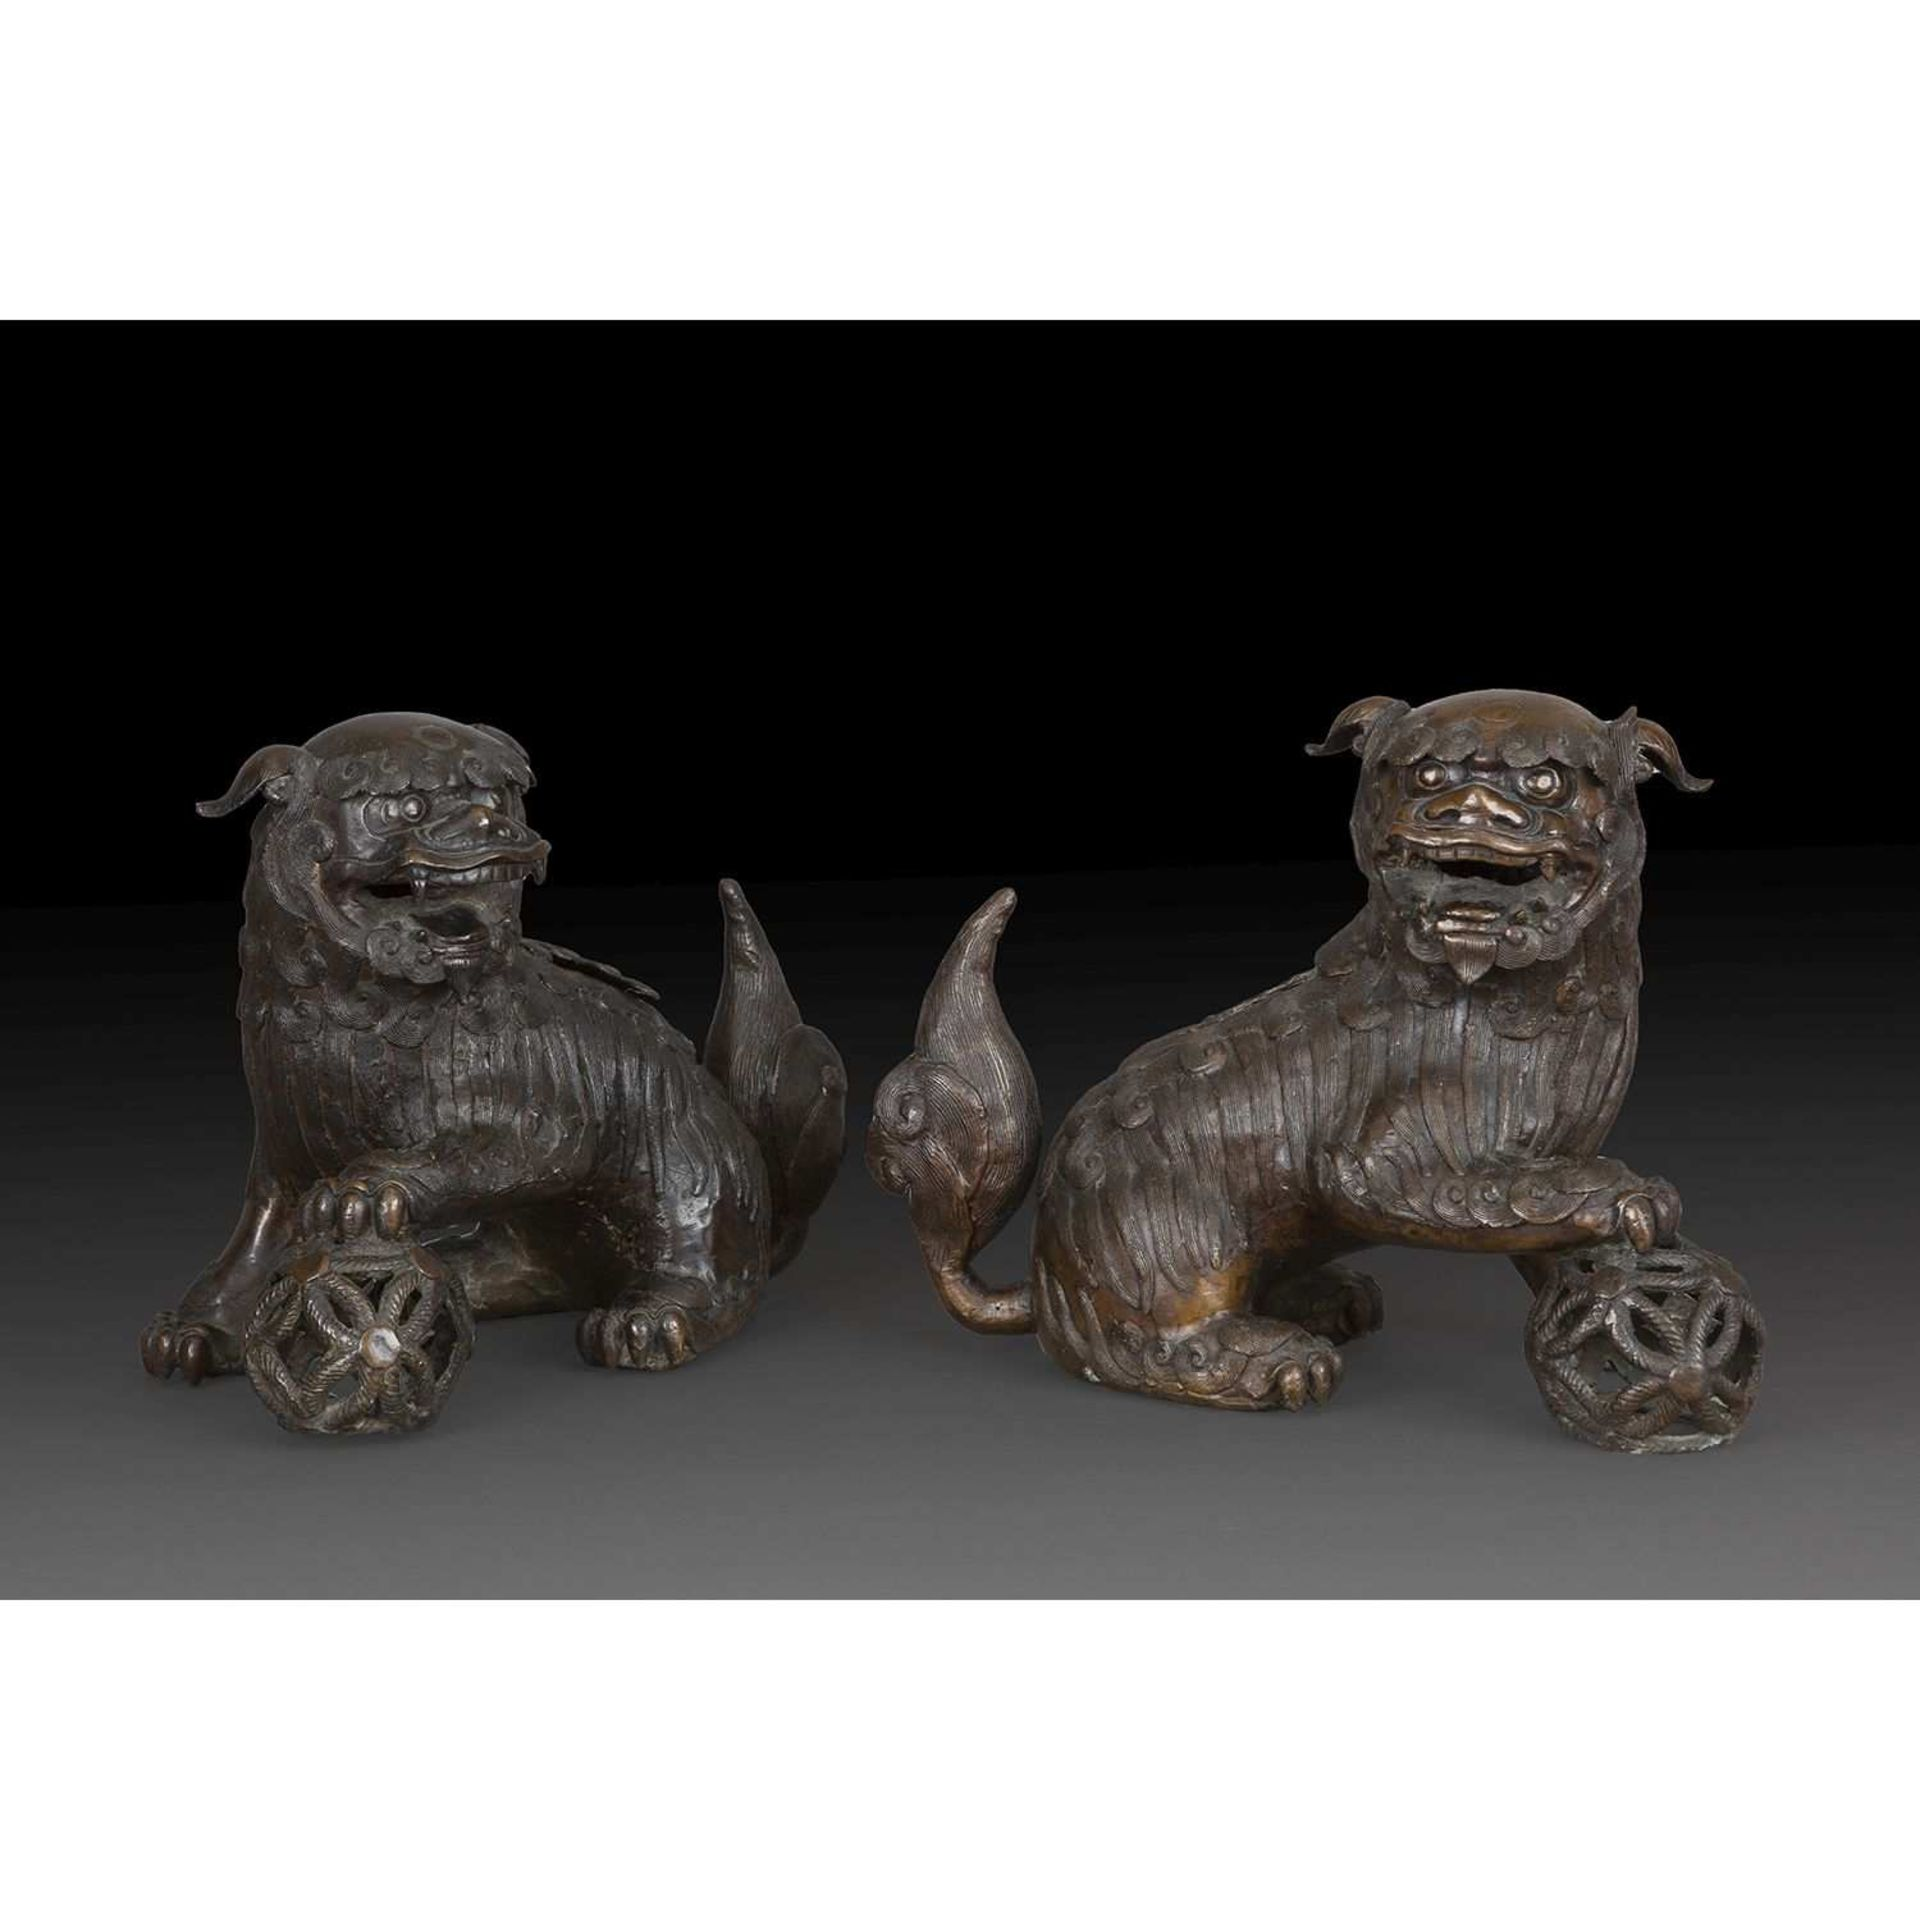 PAIRE DE CHIEN DE FÔ formant brûle-parfums, en bronze de patine sombre, les félins figurés assis, la